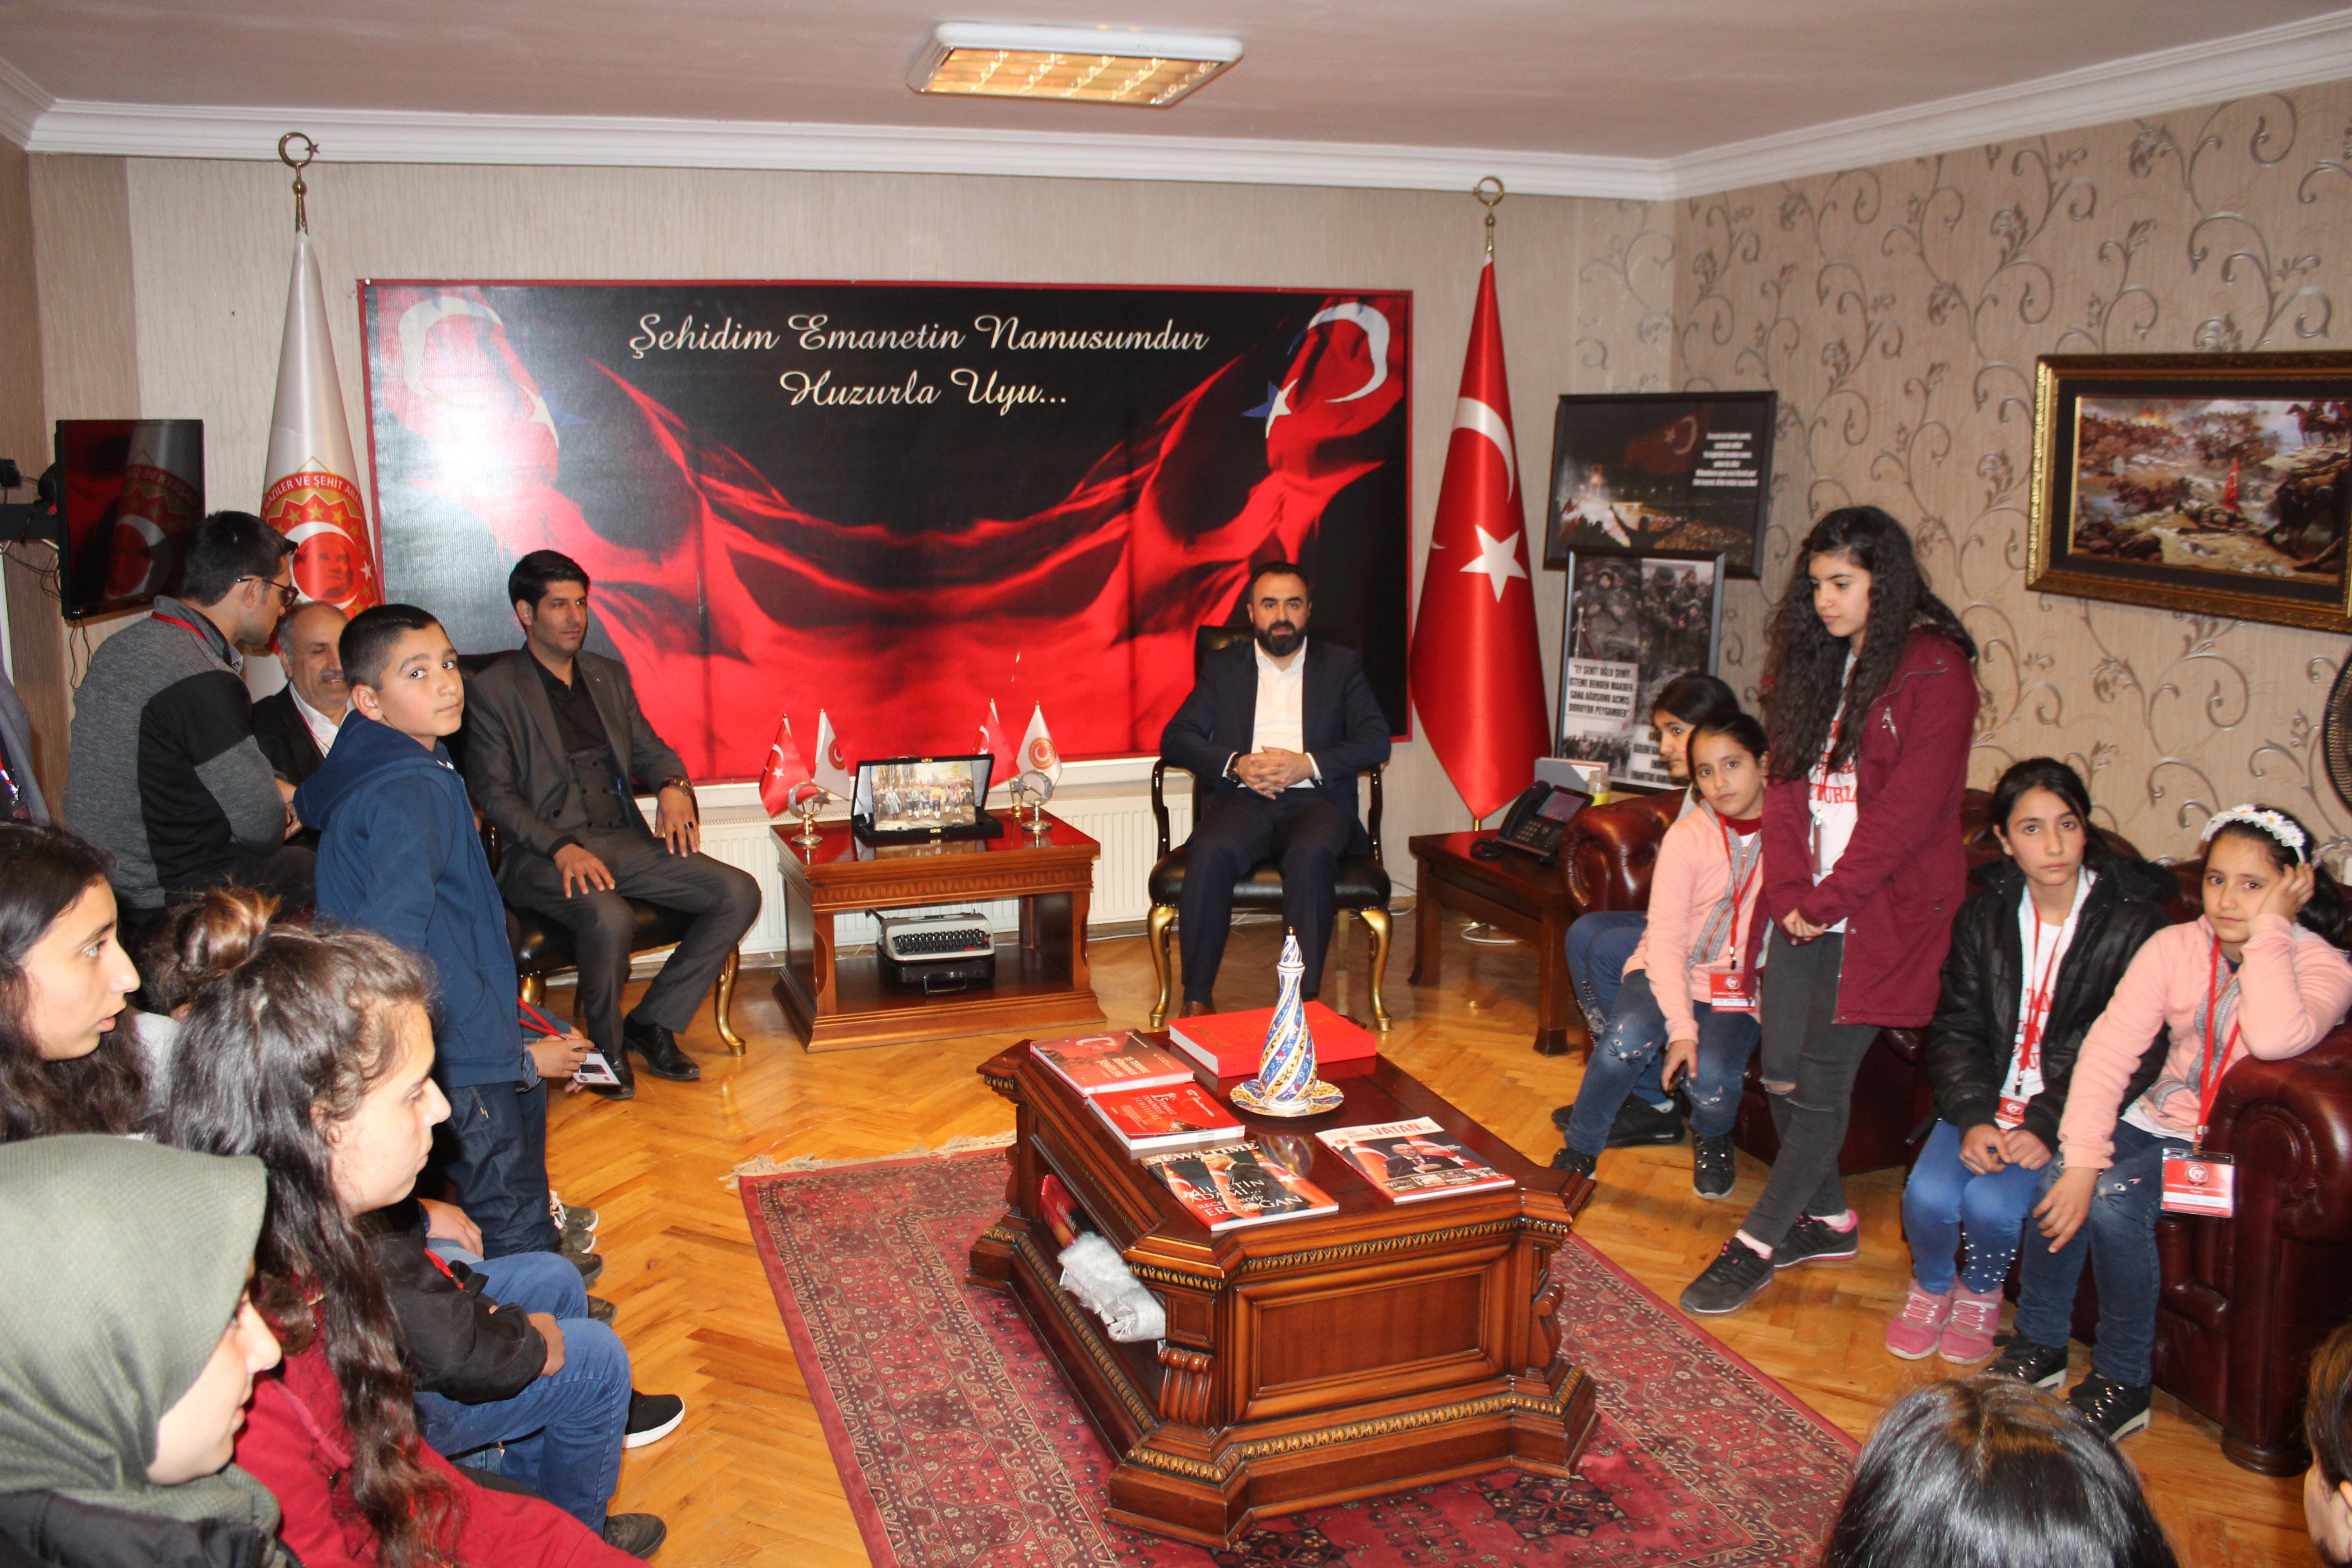 Diyarbakır Ergani 15 Temmuz Demokrasi Şehitler Derneği Başkanı Bedri Çoban önderliğinde 15 Temmuz Şehit Askeri Çoban Ortaokul öğrencileri ziyaret